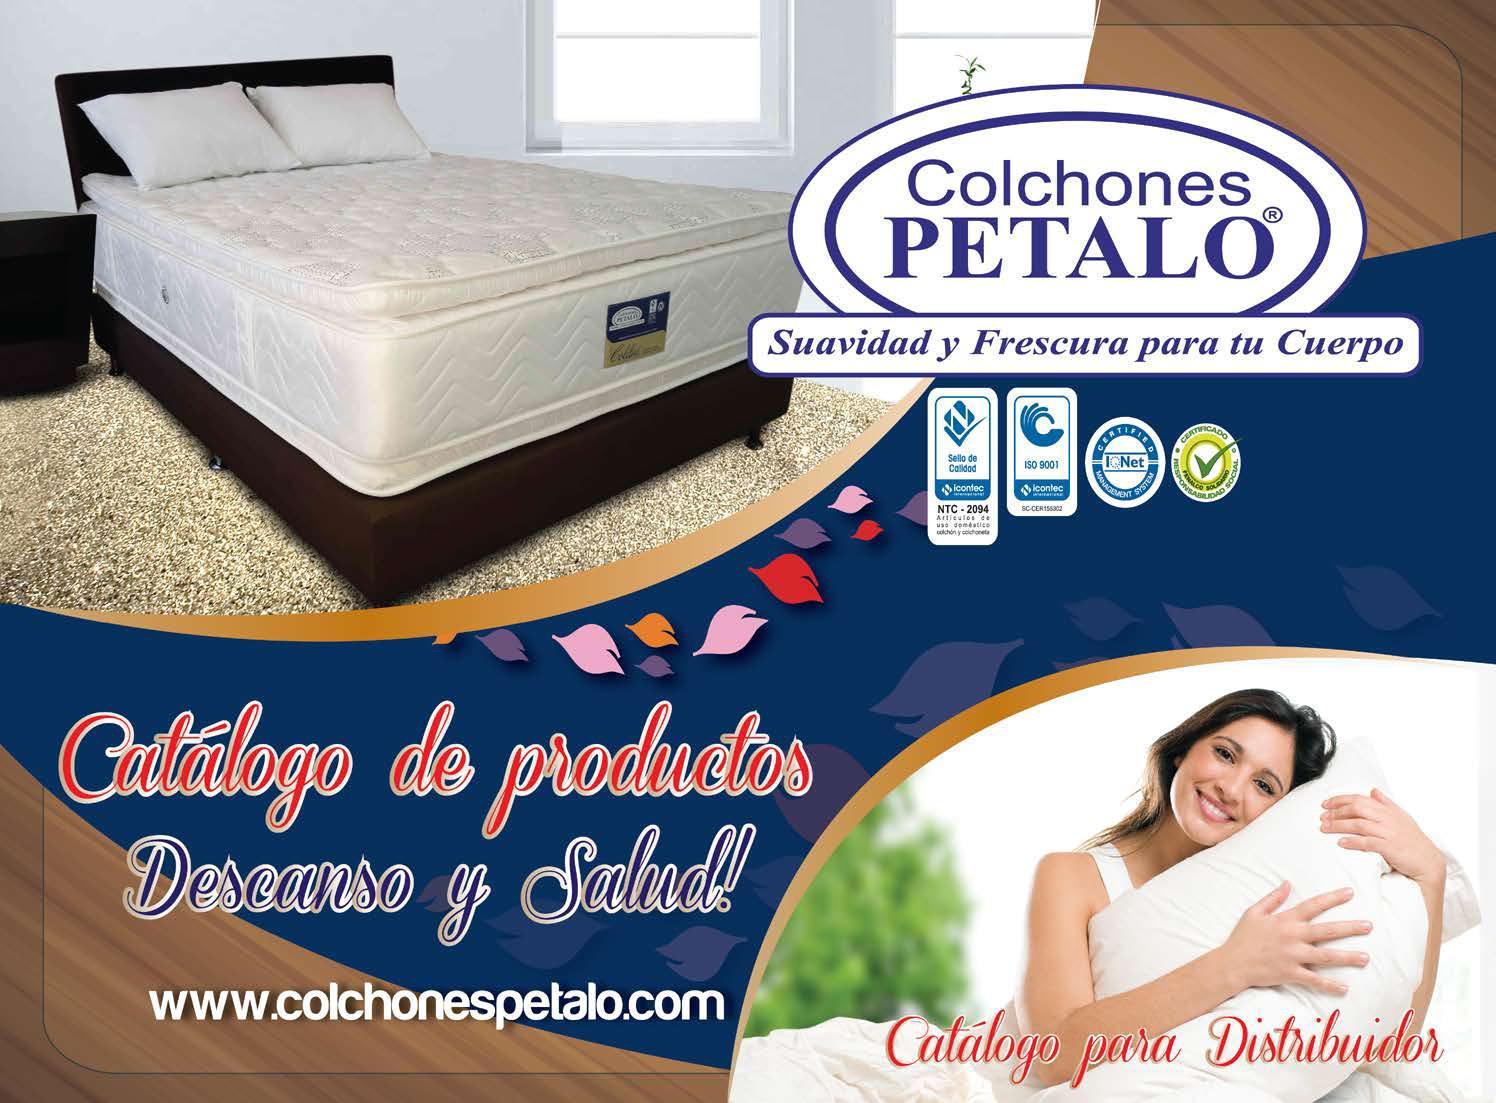 Cat logo de productos distribuidor by colchones petalo - Catalogo de colchones ...